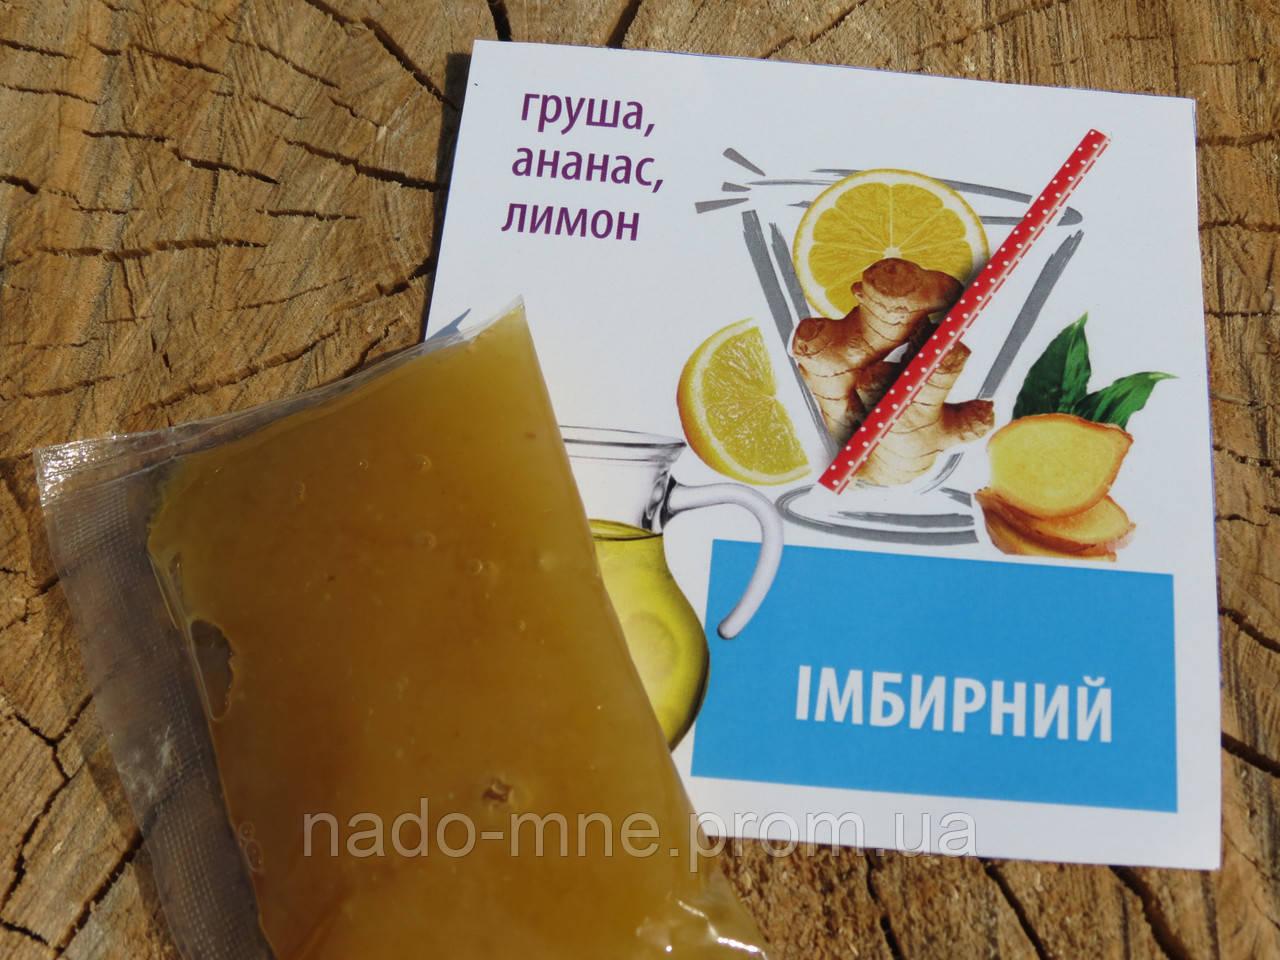 Імбирний Лимонад Frullato натуральний, 40 г